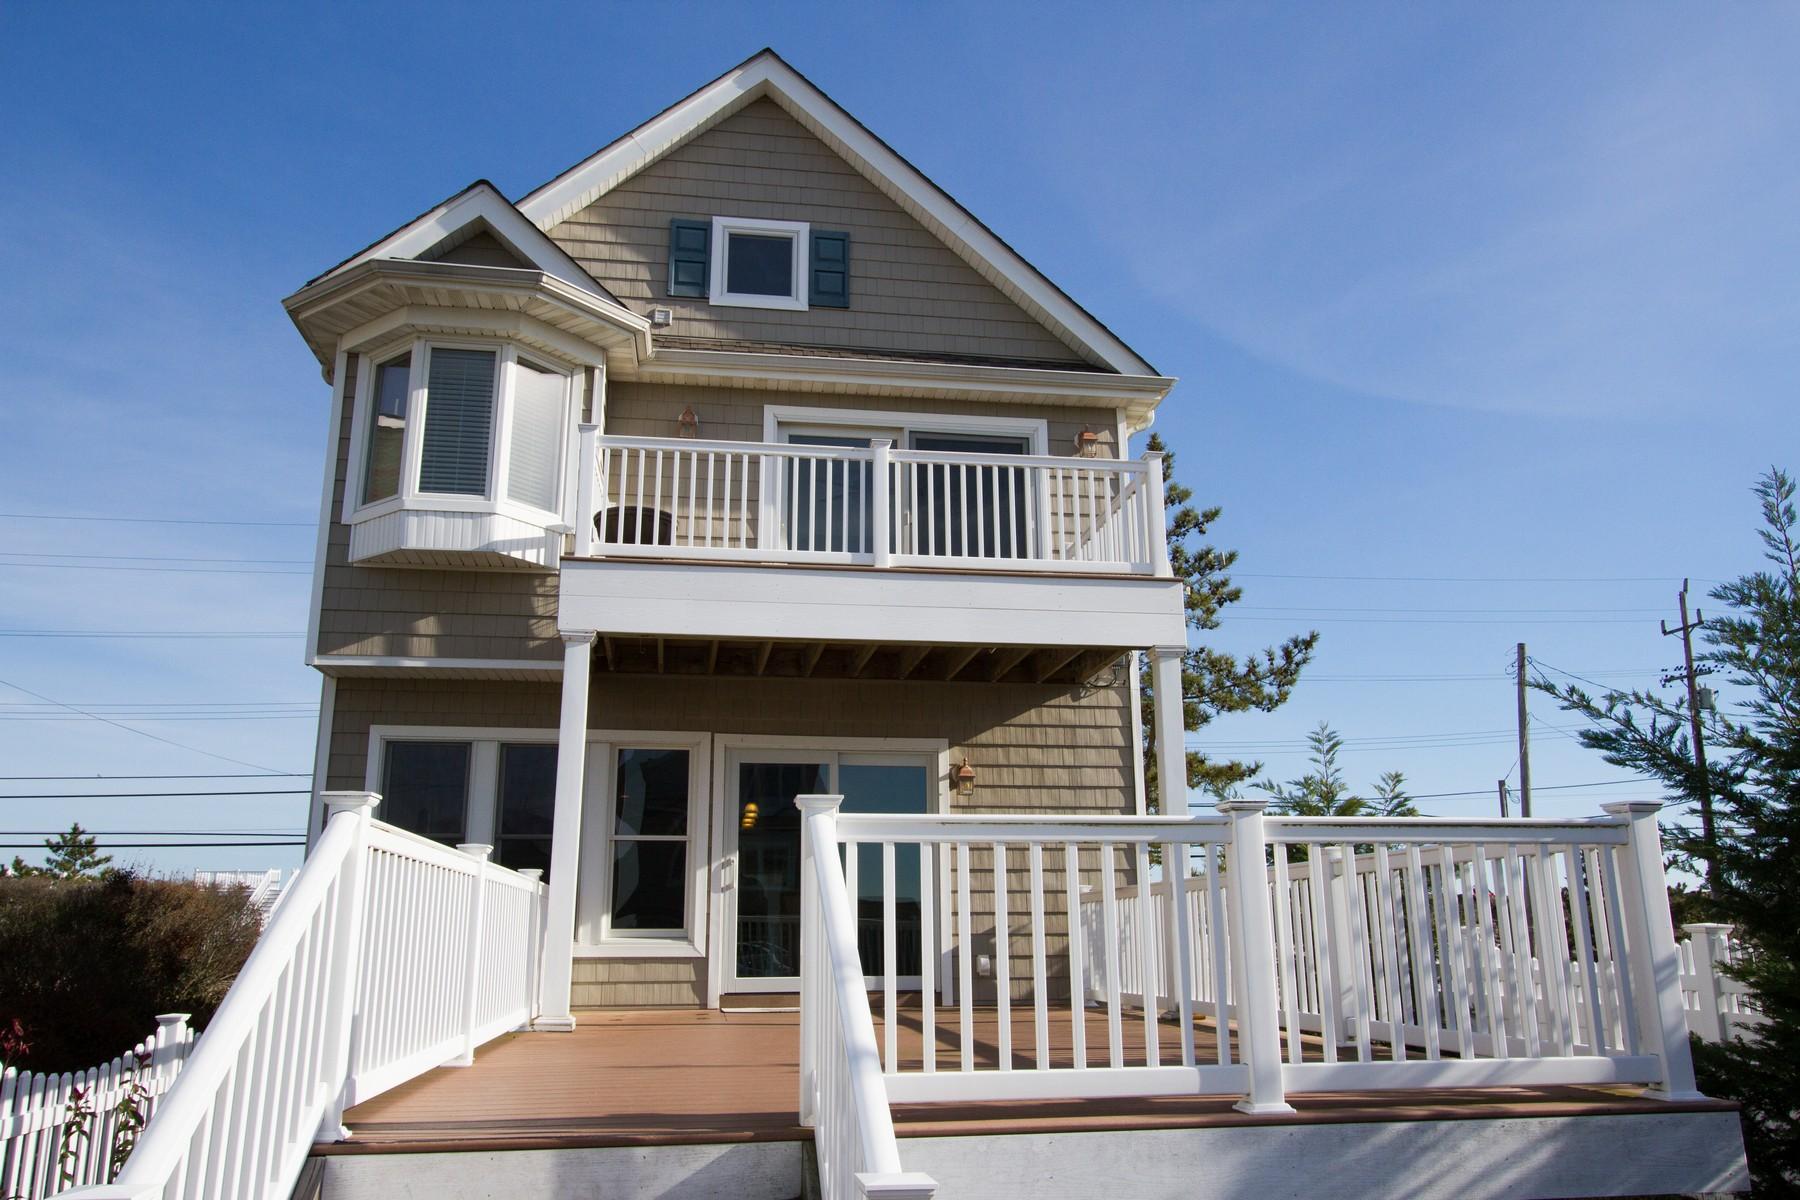 Villa per Vendita alle ore Renovated Beach Colonial 616 Ocean Ave Sea Bright, New Jersey, 07760 Stati Uniti